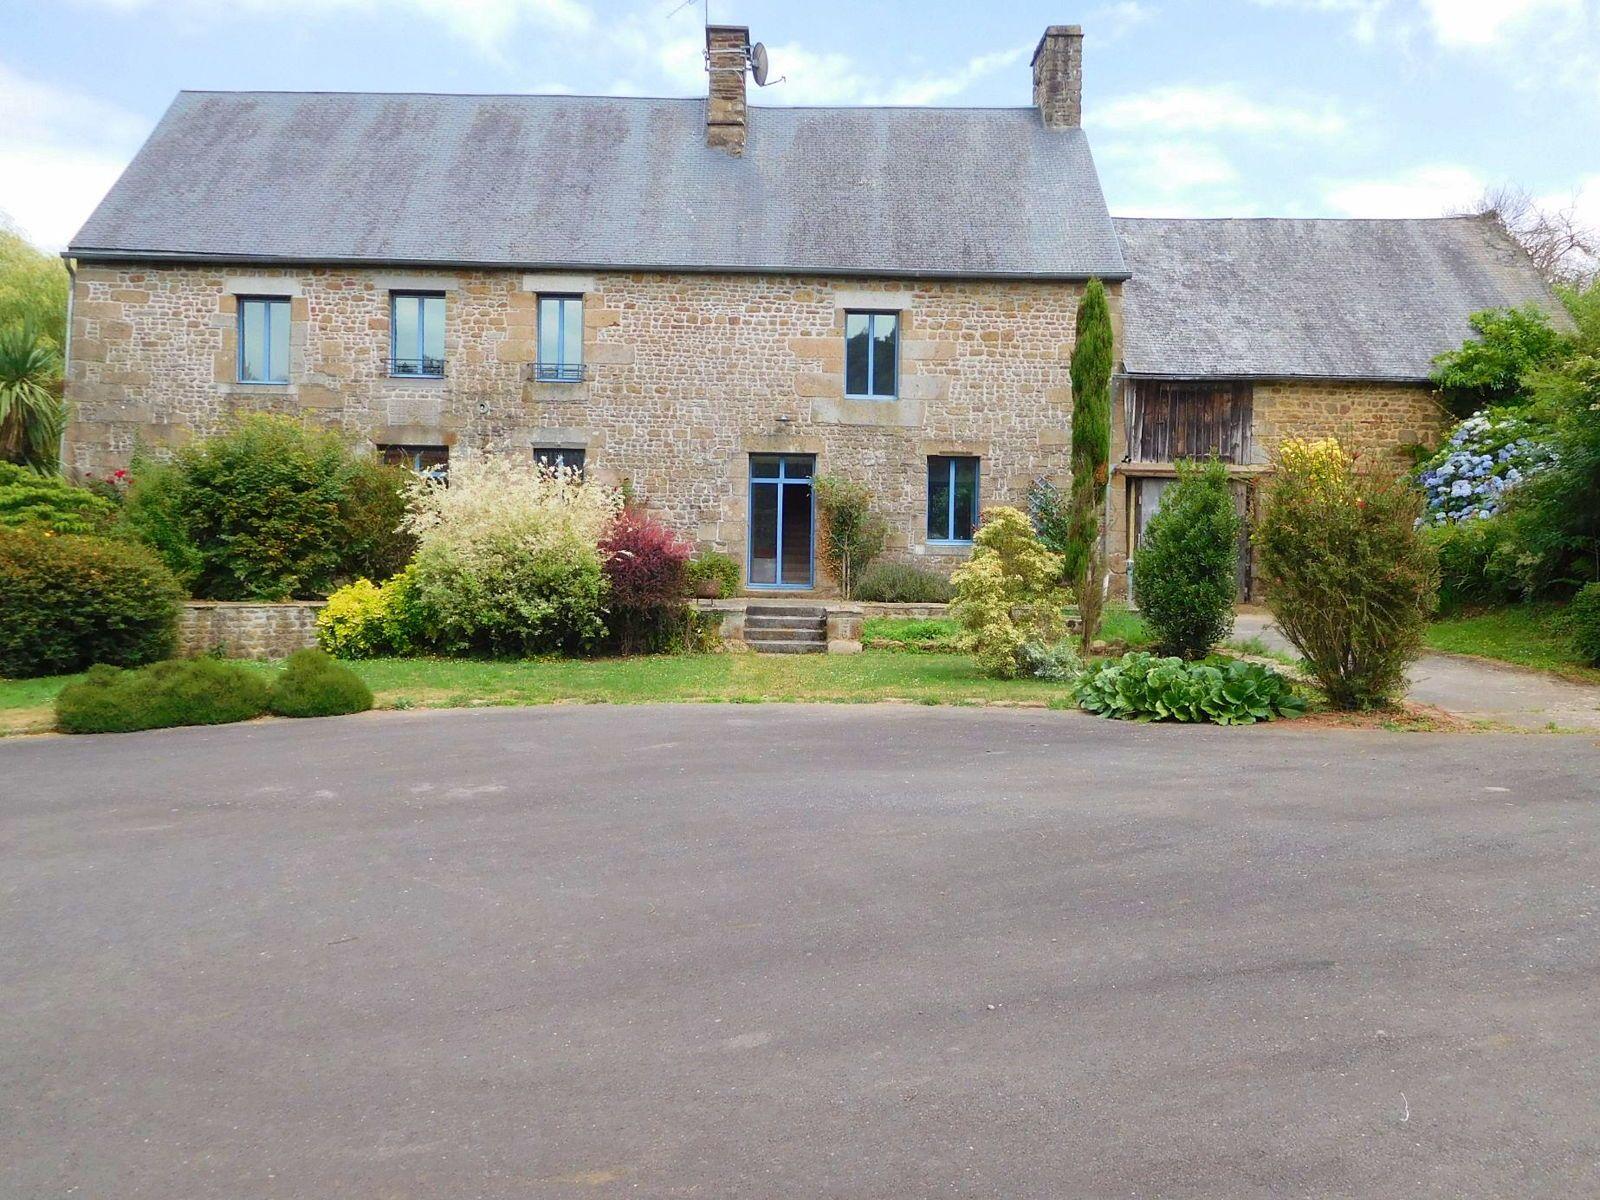 Vends Maison | Saint-Aubin-de-Terregatte (50240) - 9pièces - 250m²